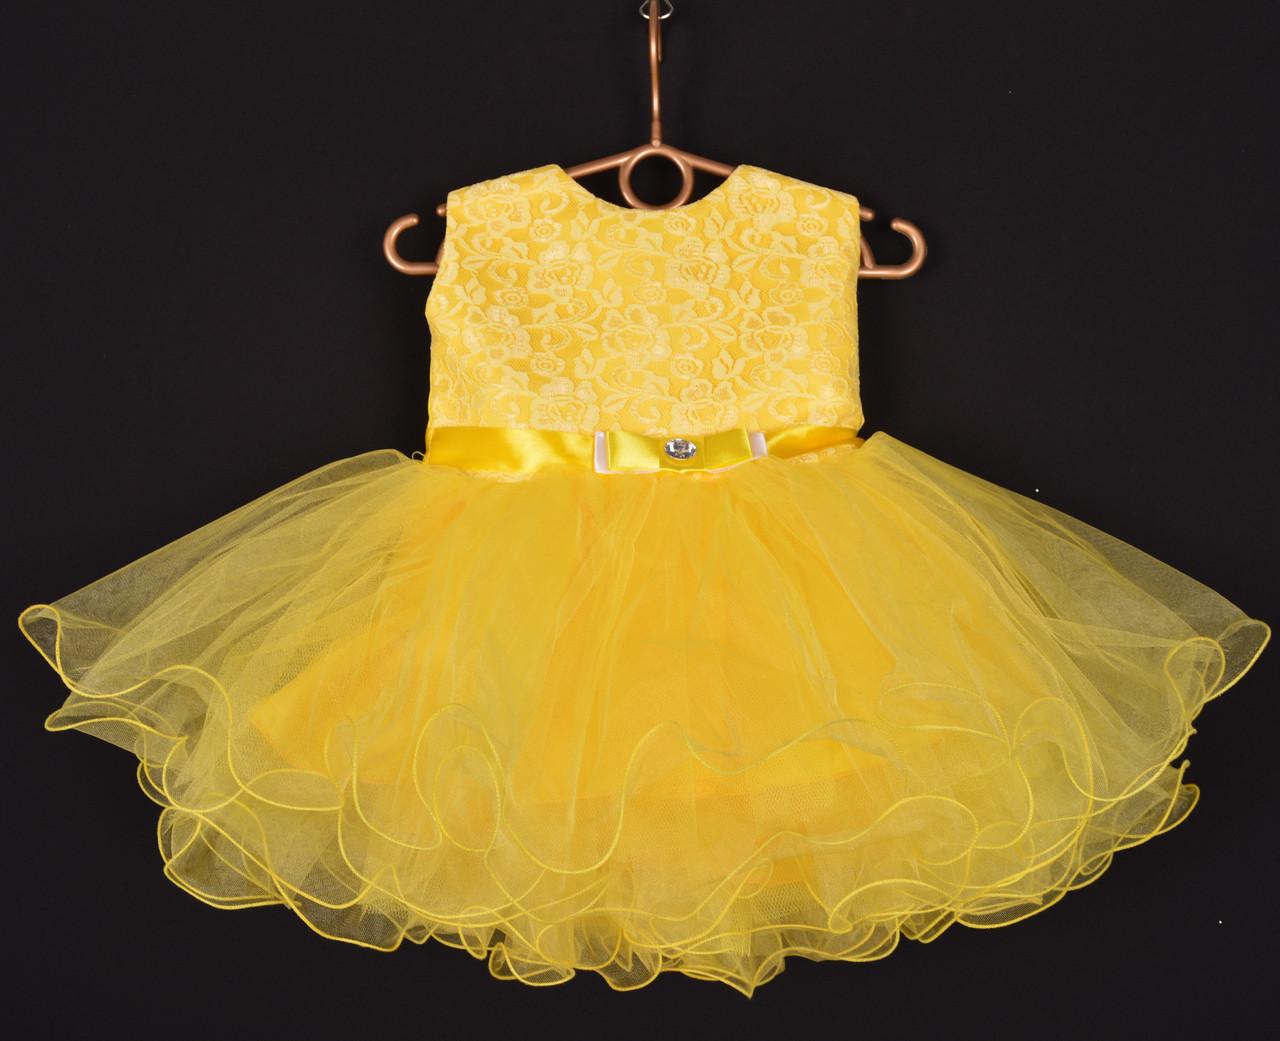 """Платье нарядное детское """"Лавандочка"""" без оборки до 1 года. Желтое. Купить оптом и в розницу"""